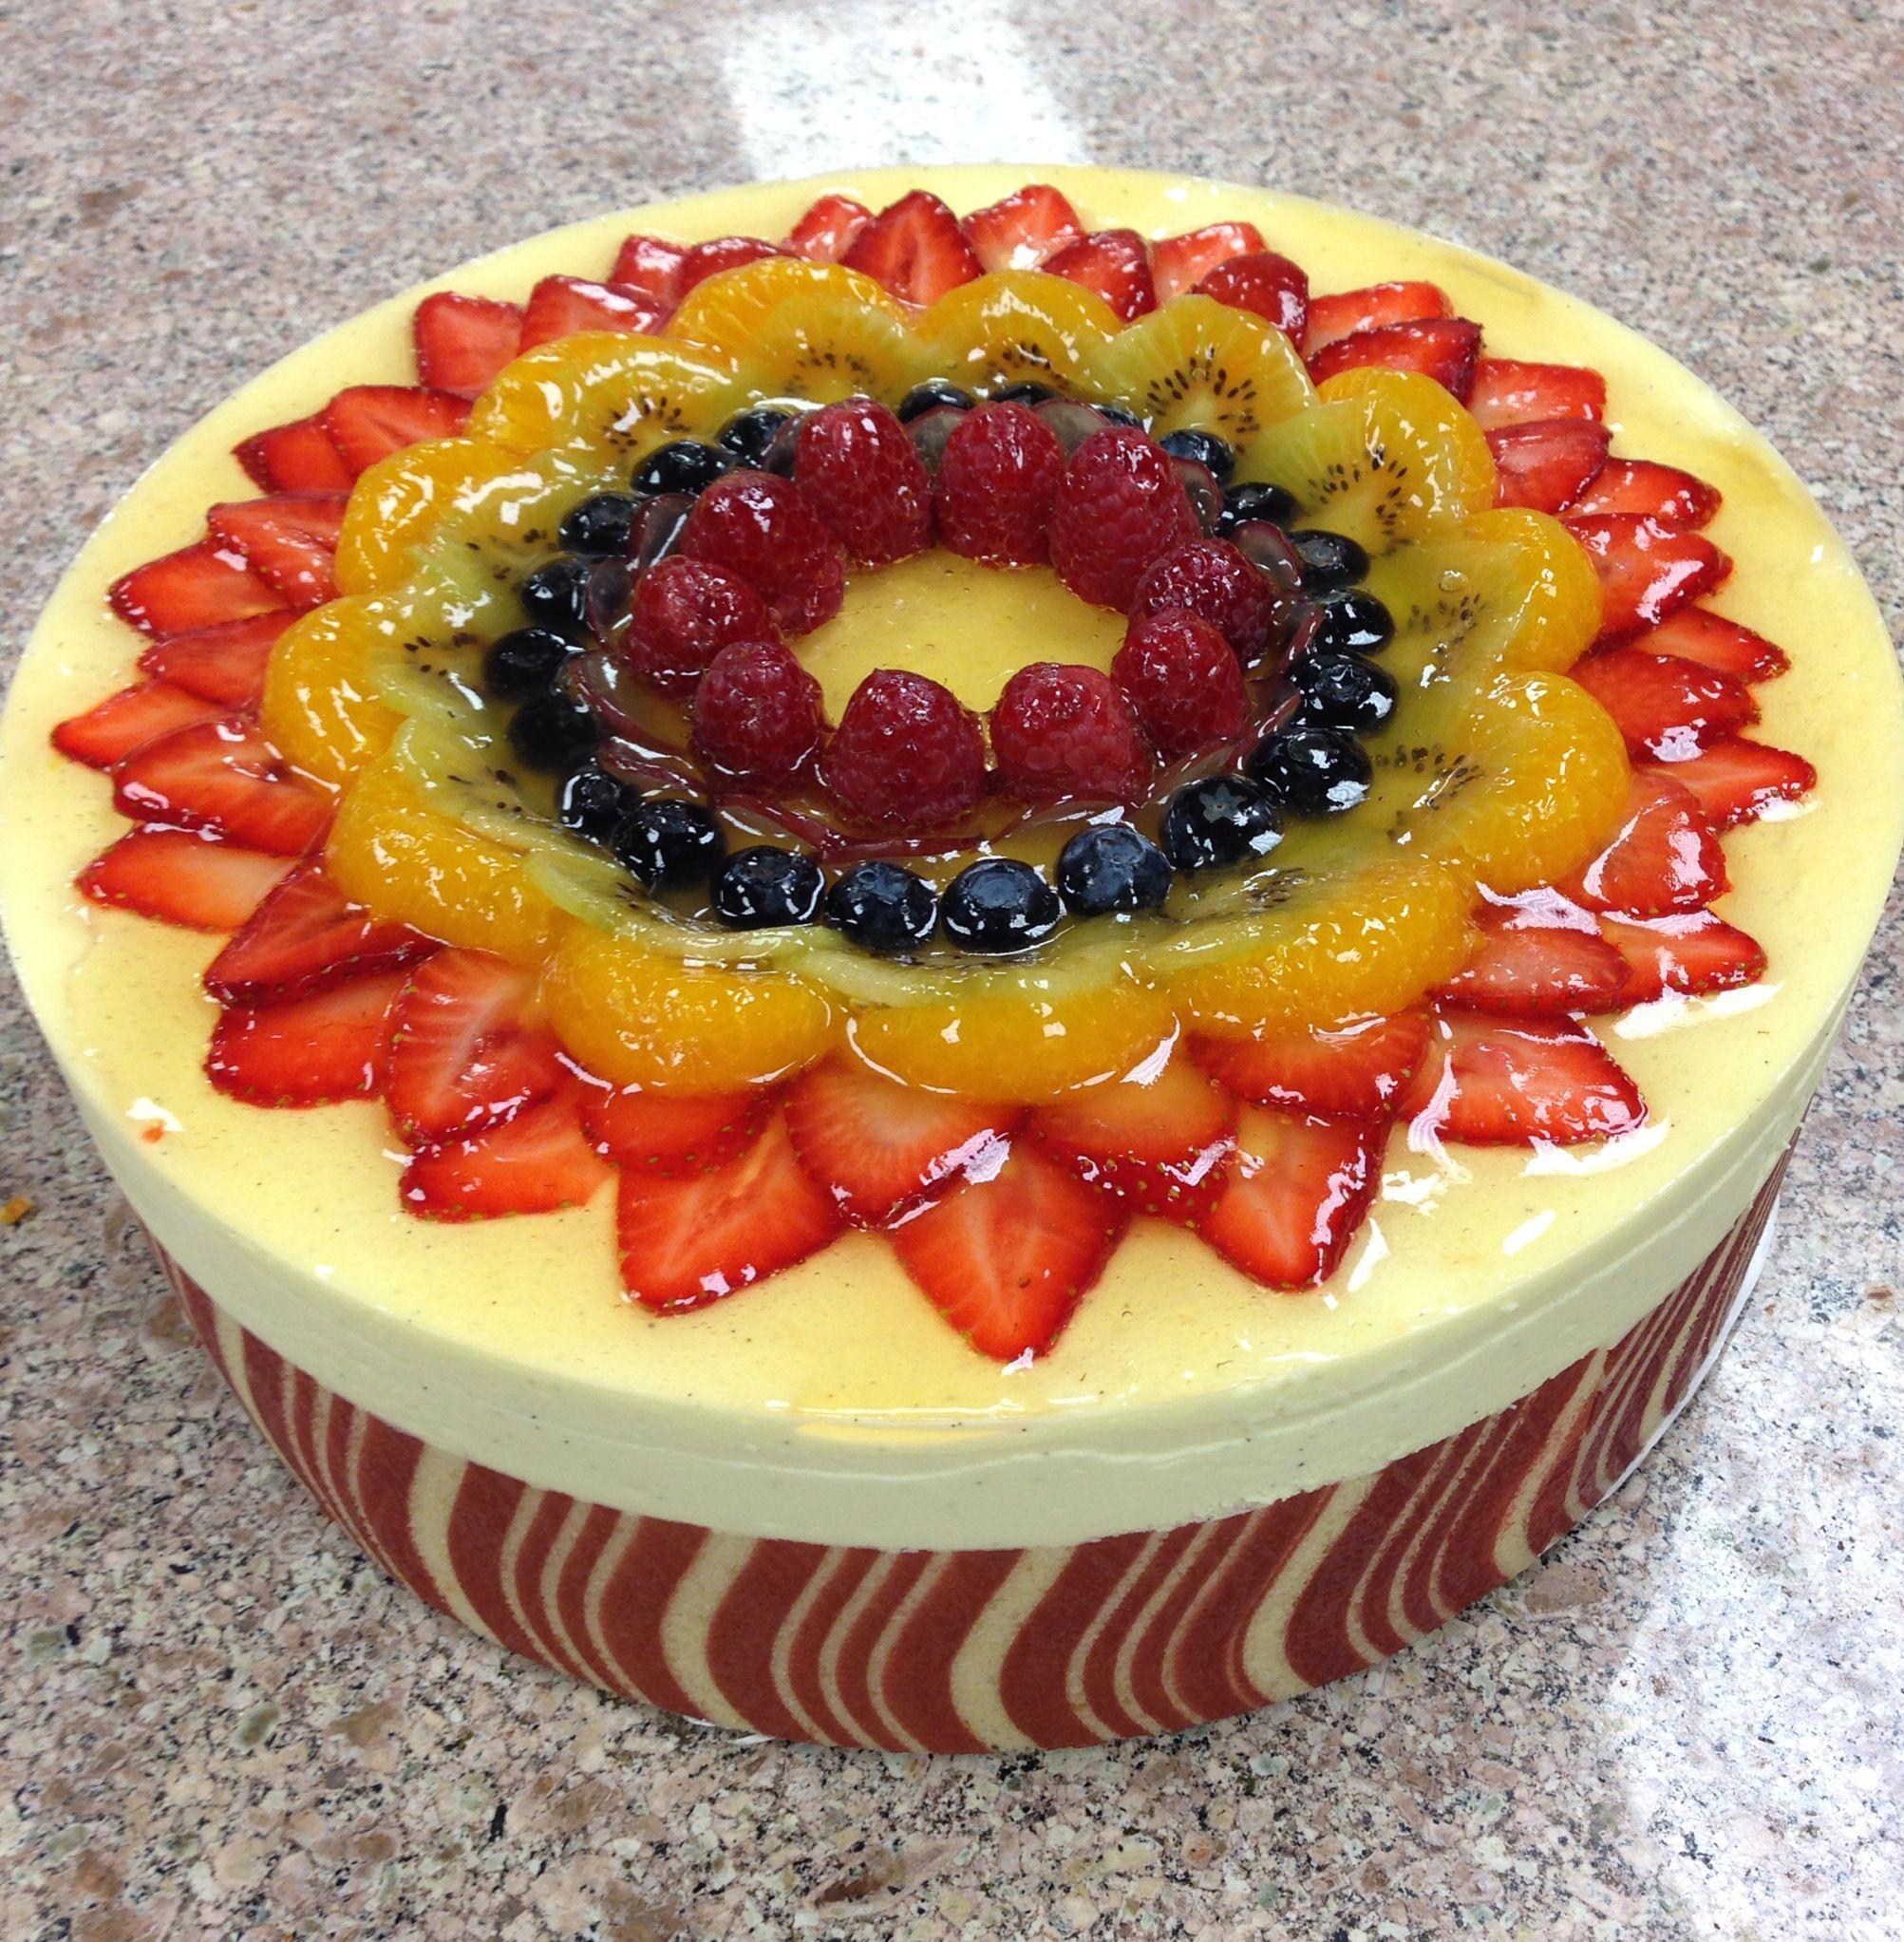 Bavarian cream torte with fresh fruit | Pastry | Pinterest